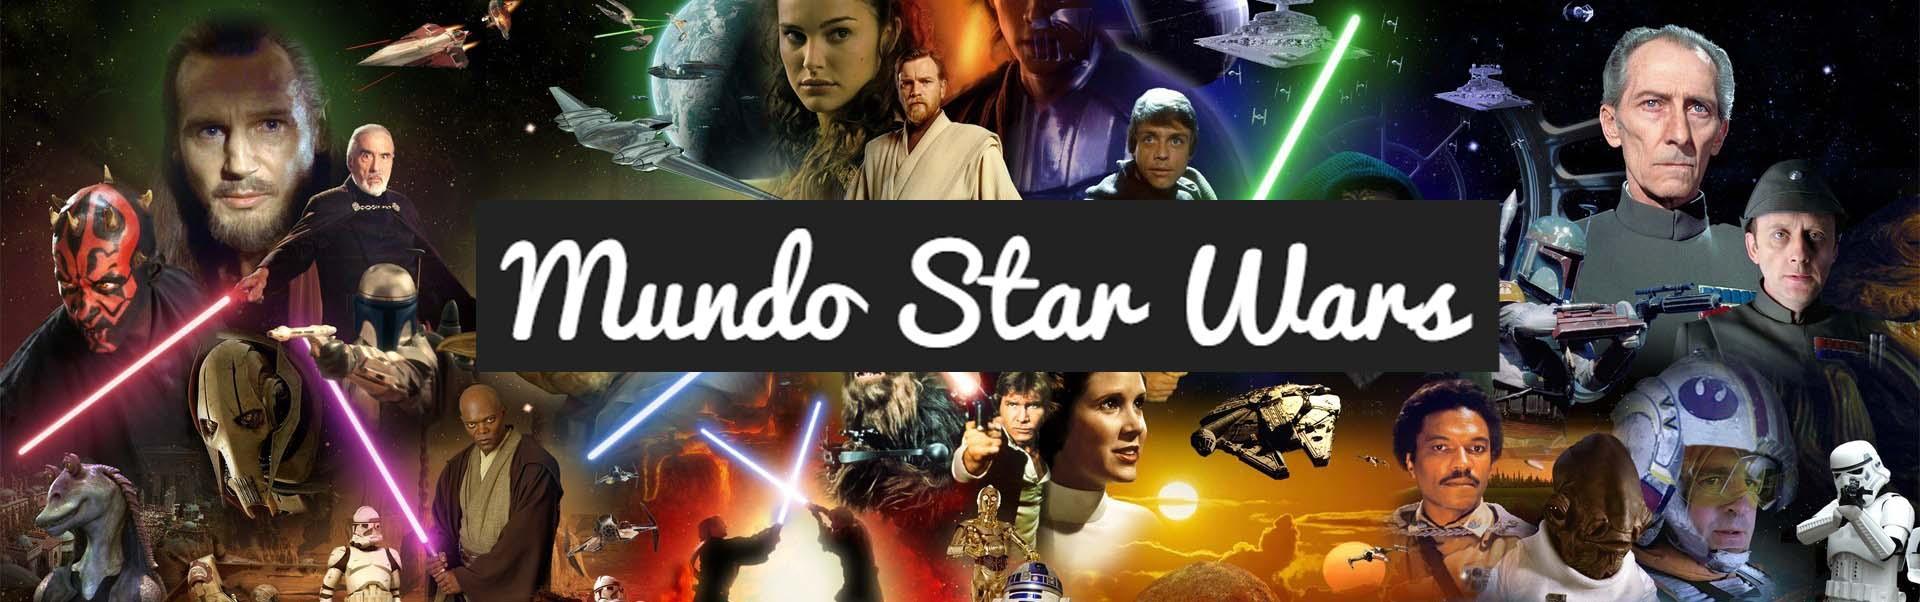 MundoStarWars